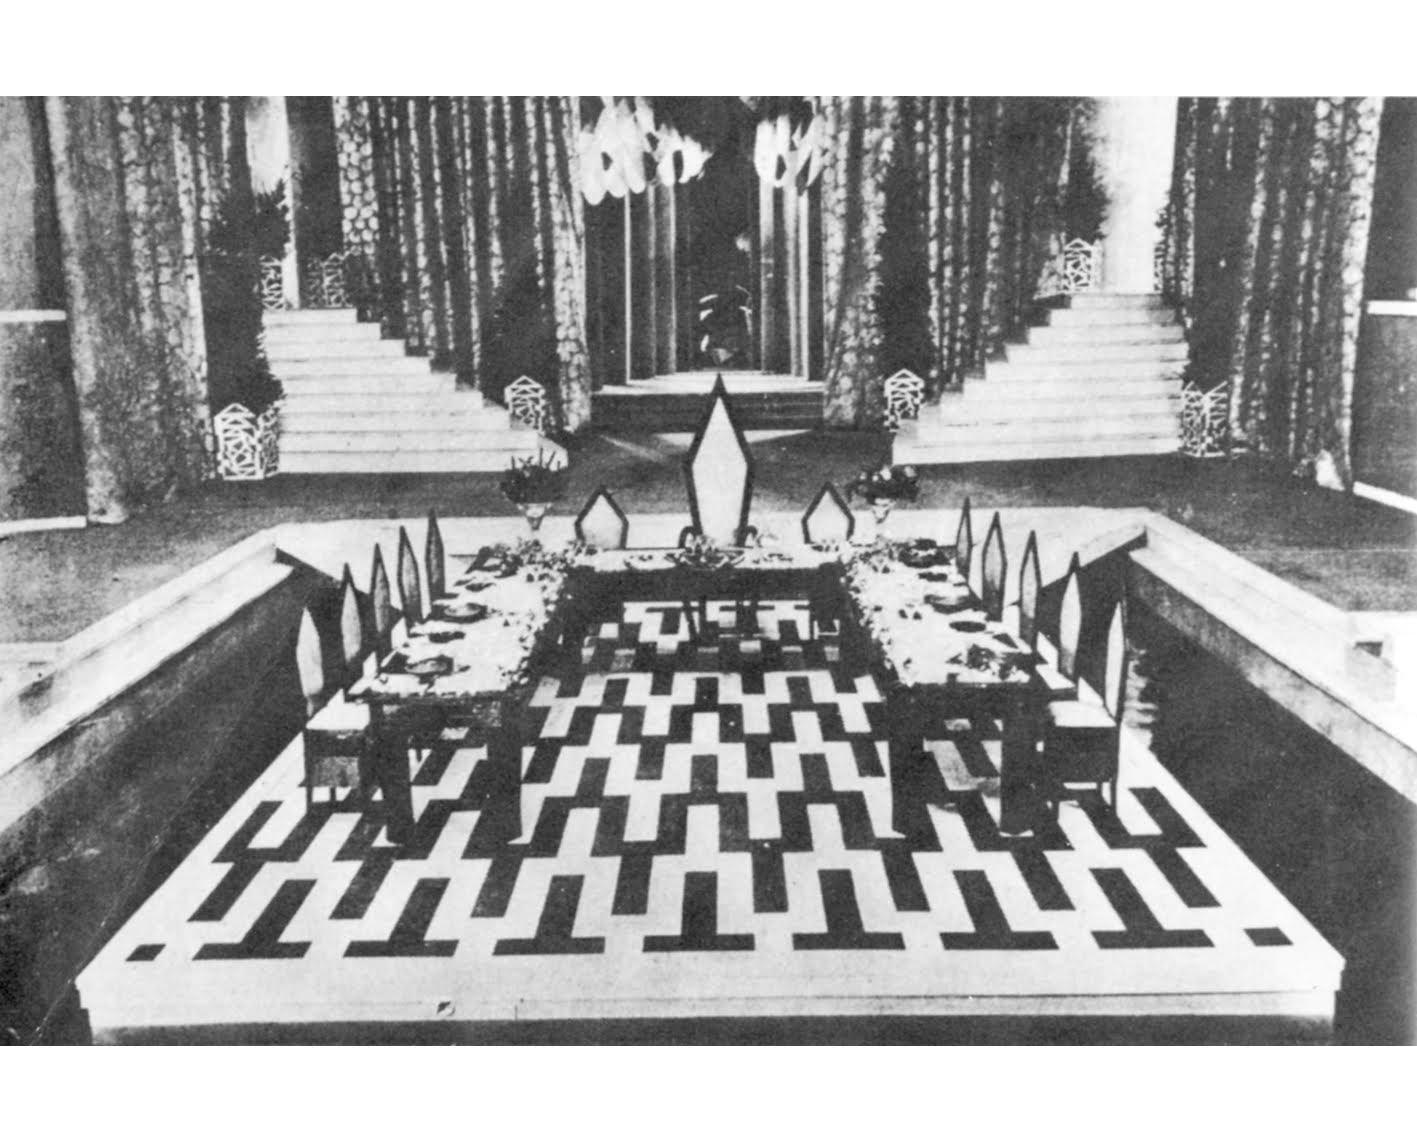 Marcel L'Herbier, L'Inhumaine (scenografia di Alberto Cavalcanti), 1923